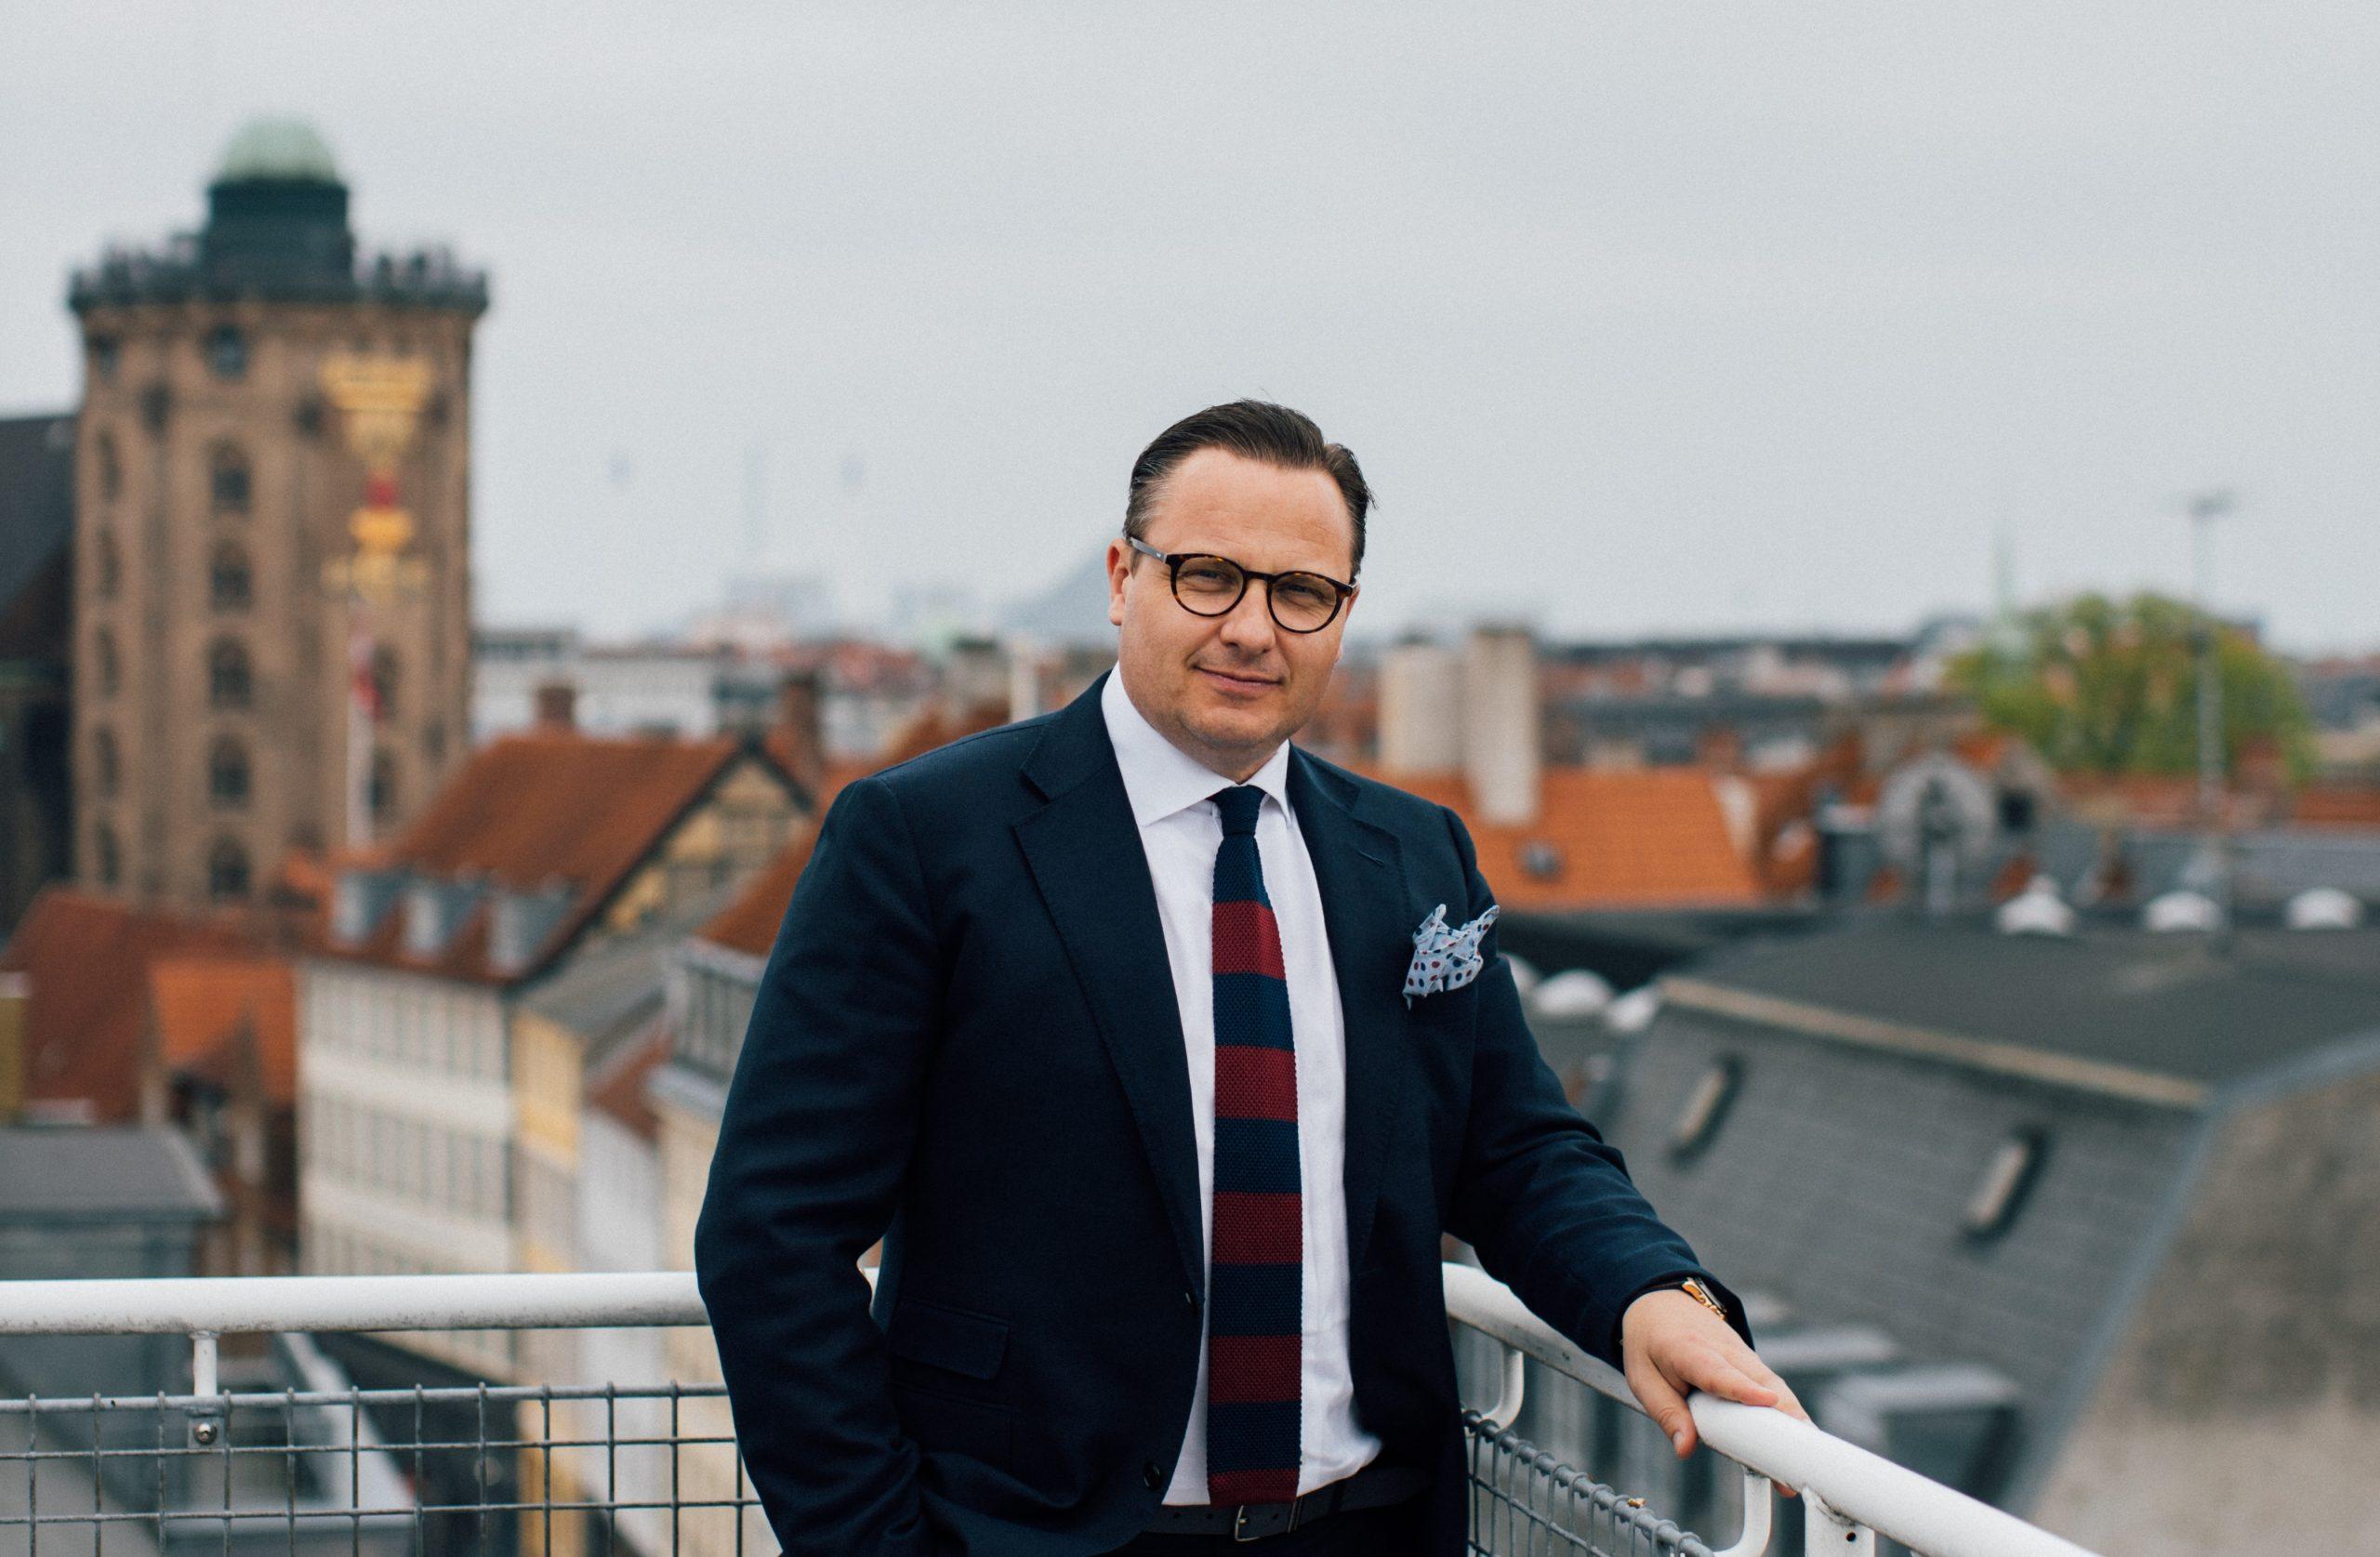 Jesper Stubgaard skal udskifte udsigten fra Skt. Petri med et andet af Københavns luksushoteller. Arkivpressefoto fra Skt. Petri.